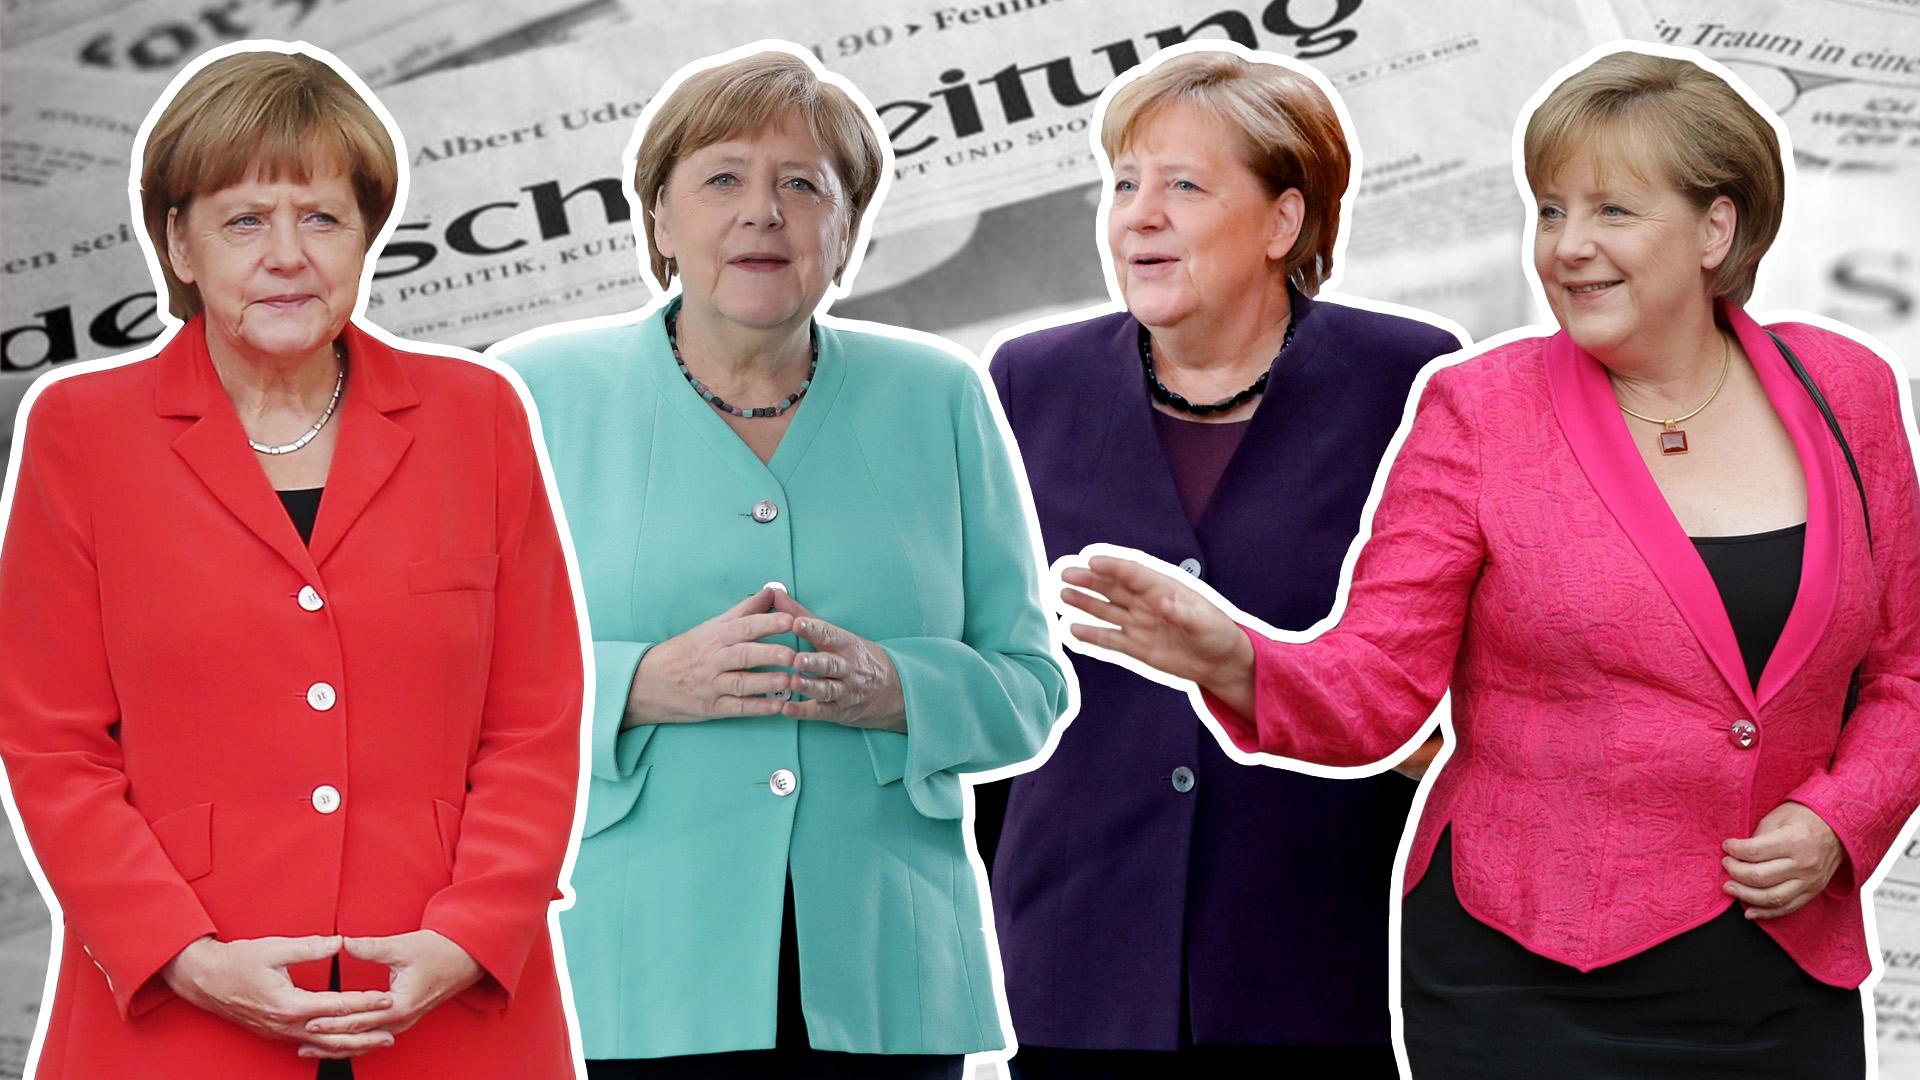 Nincs az a kosztüm, amibe ne lehetne belekötni, ha egy női politikus viseli